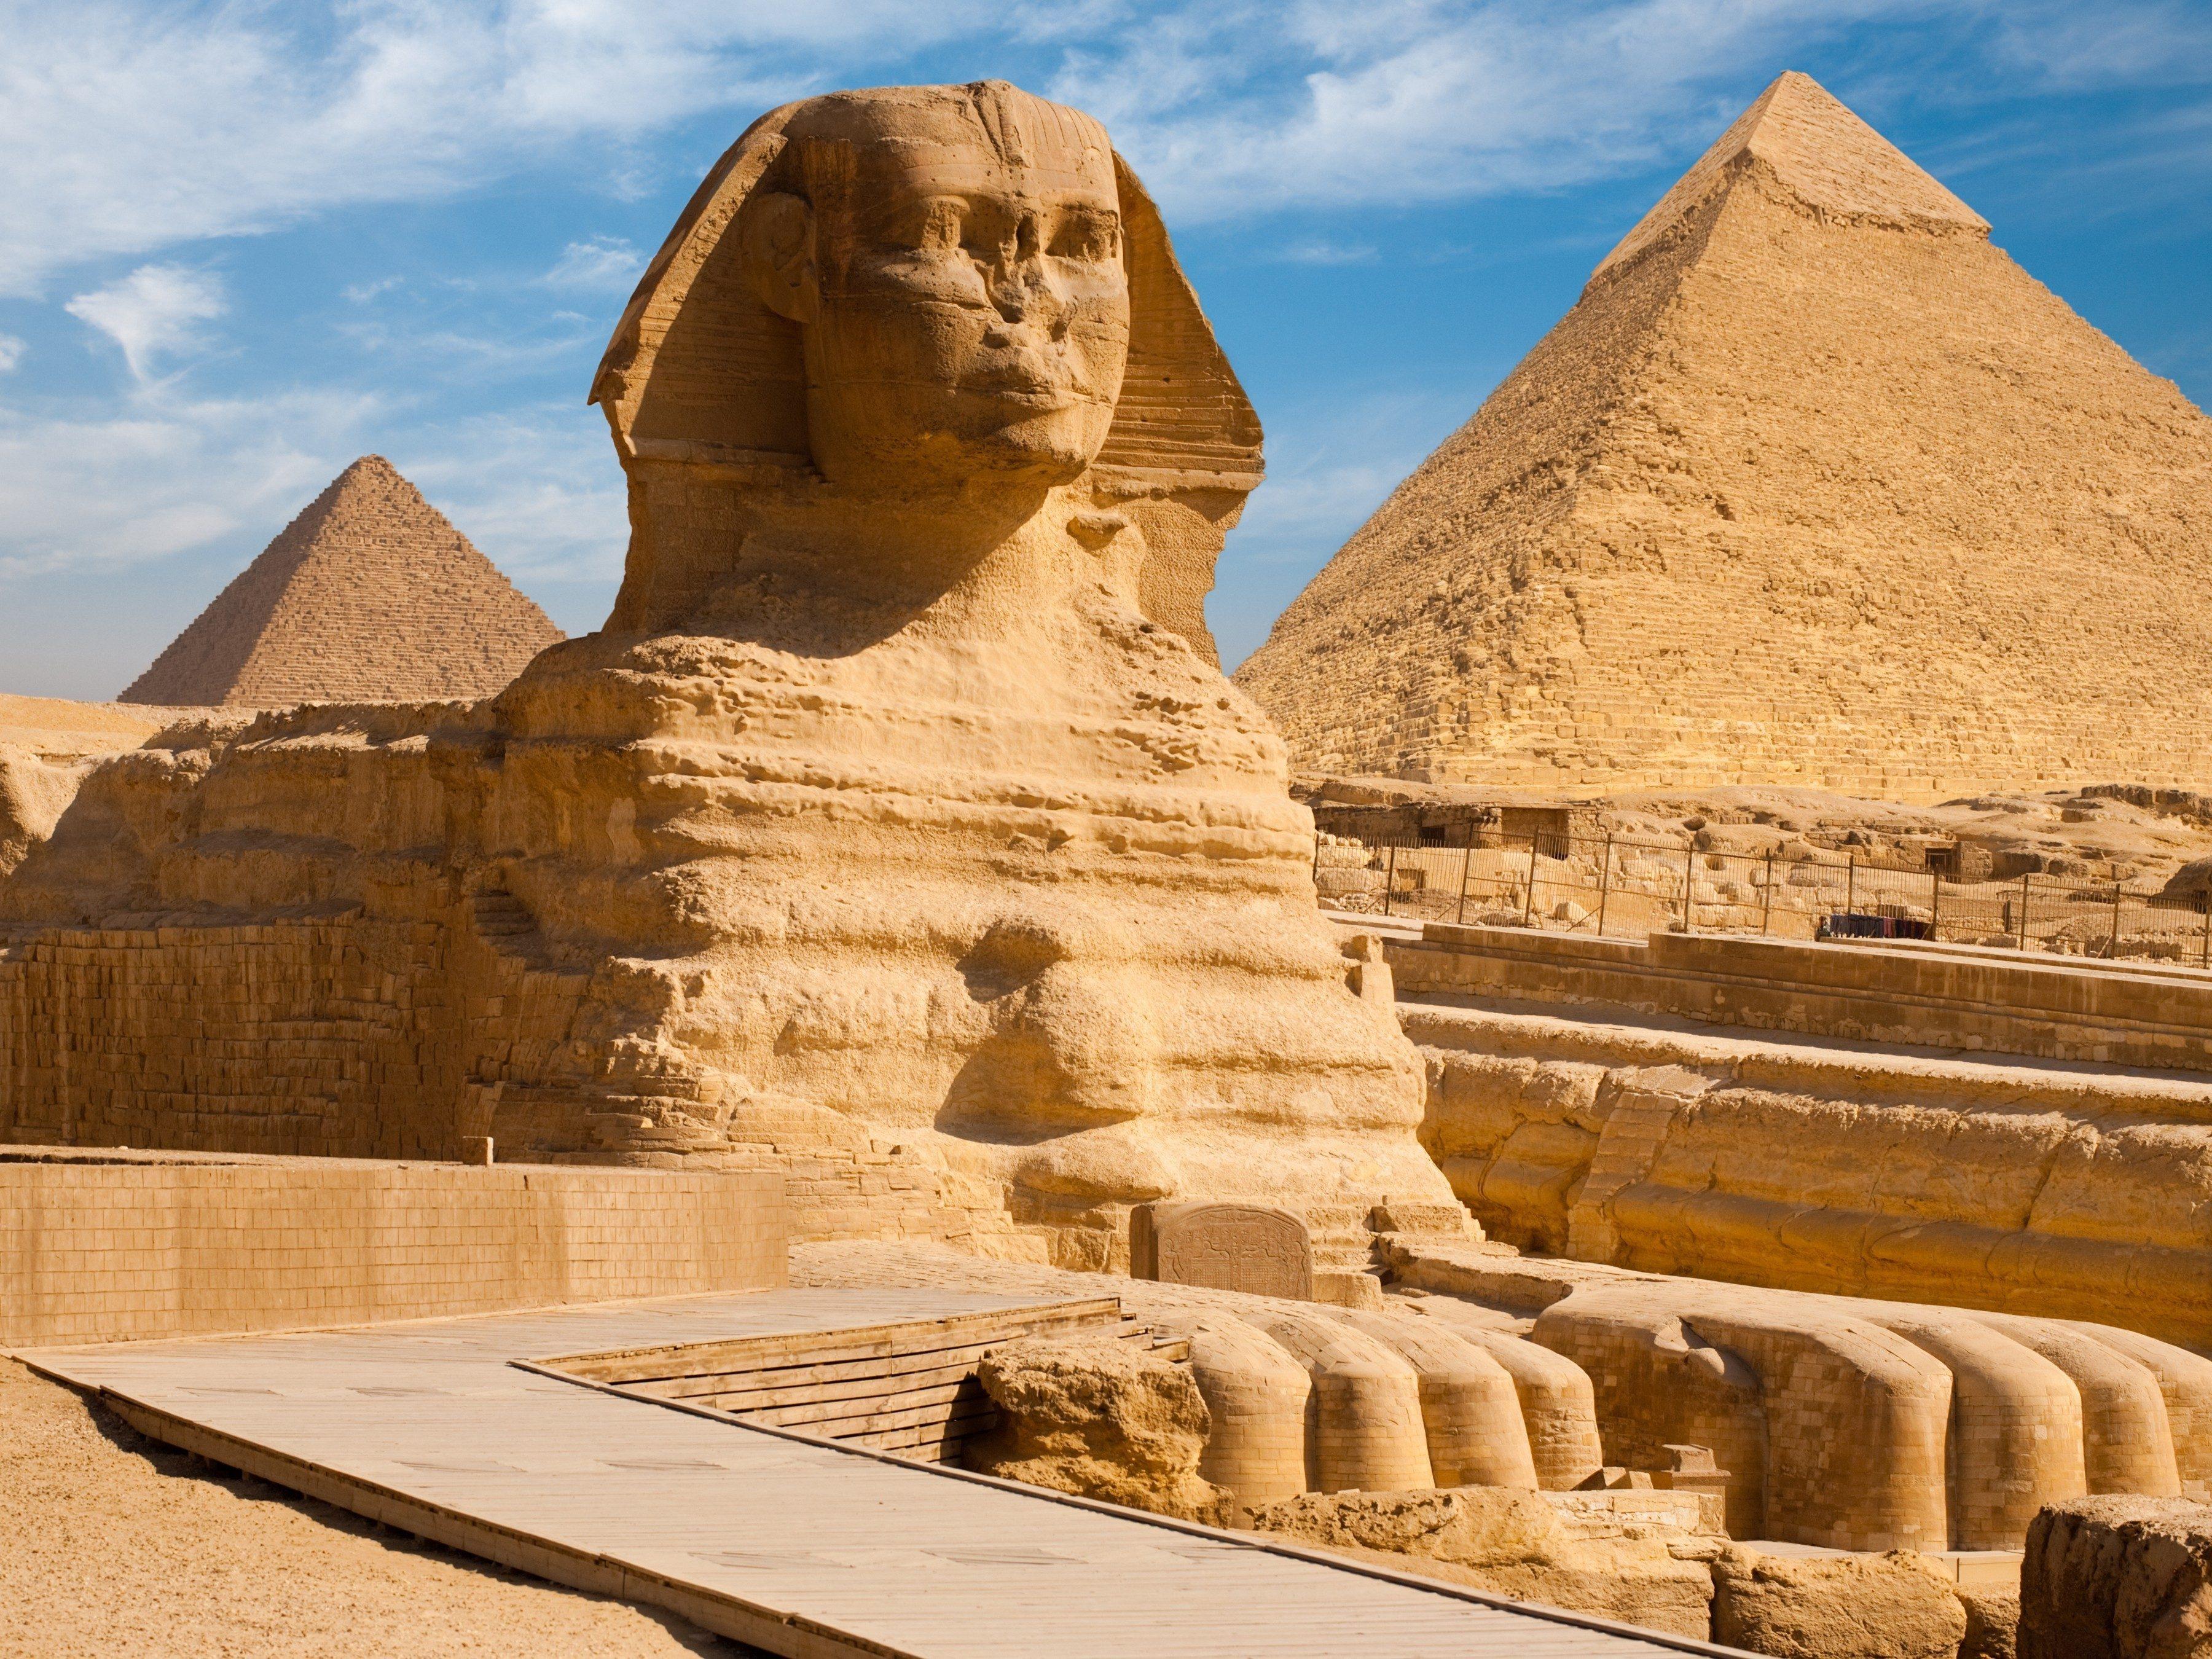 10. Egypt